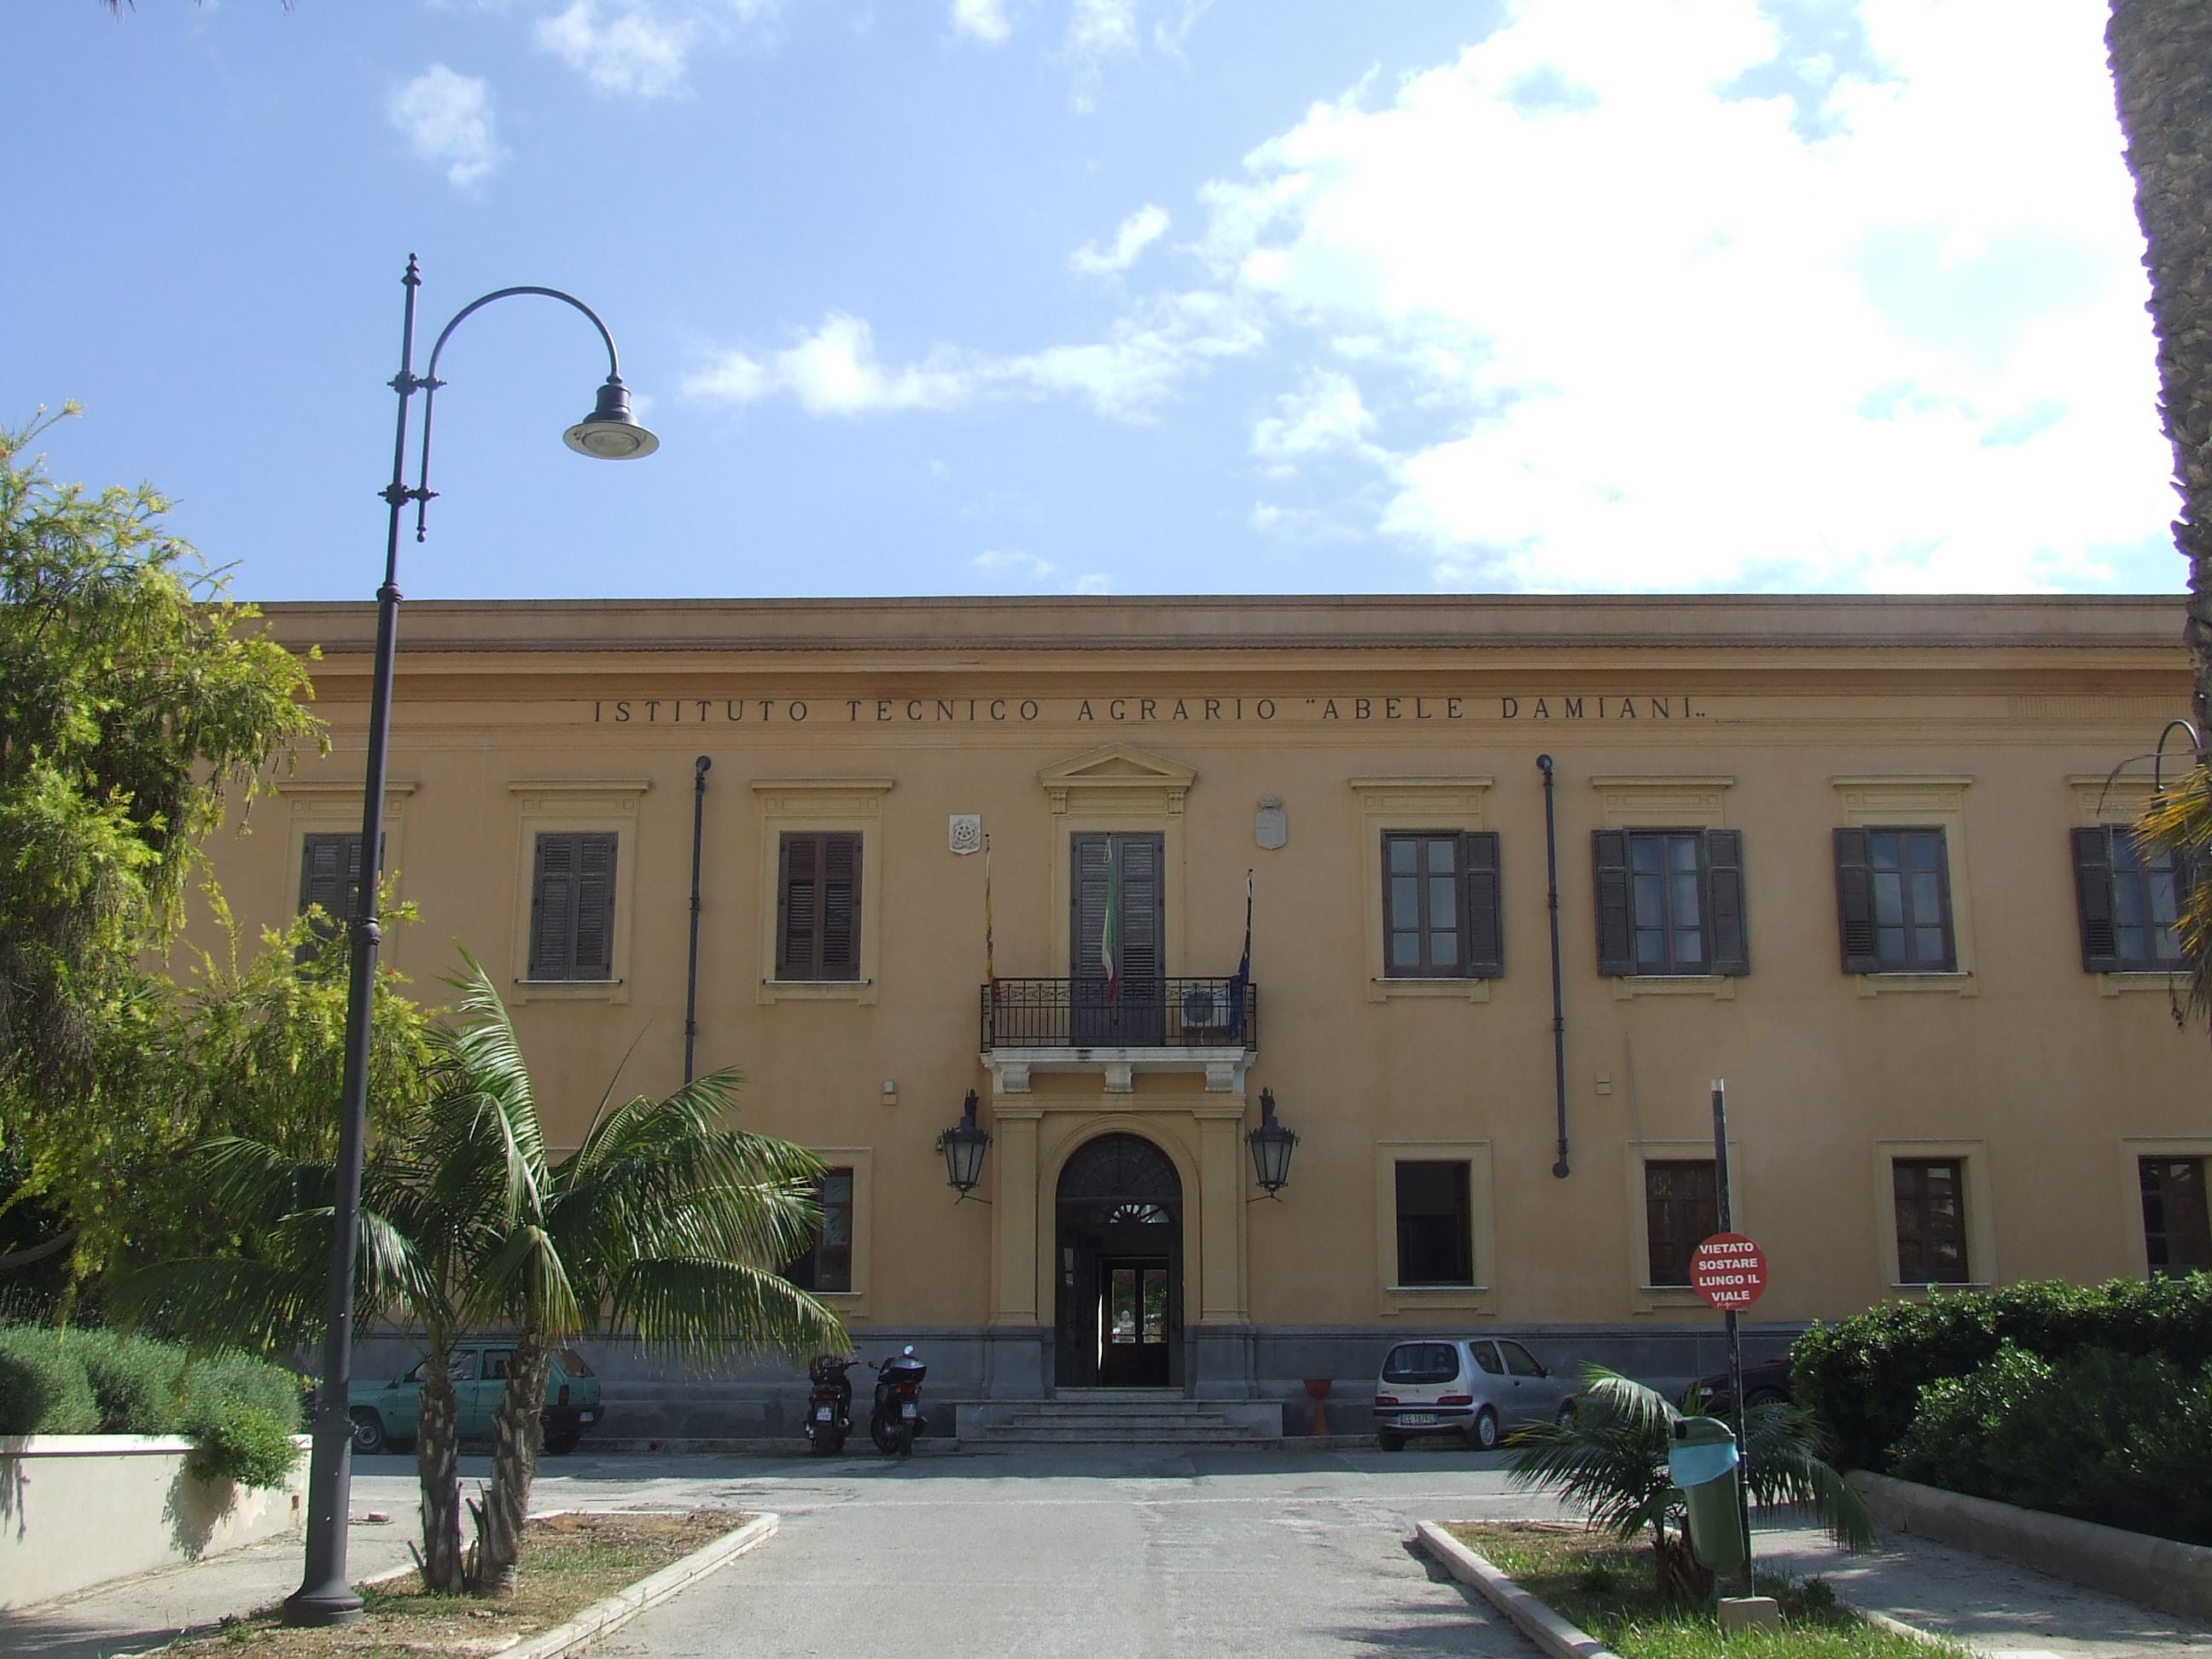 """Istituto Tecnico Agrario """"Abele Damiani"""""""